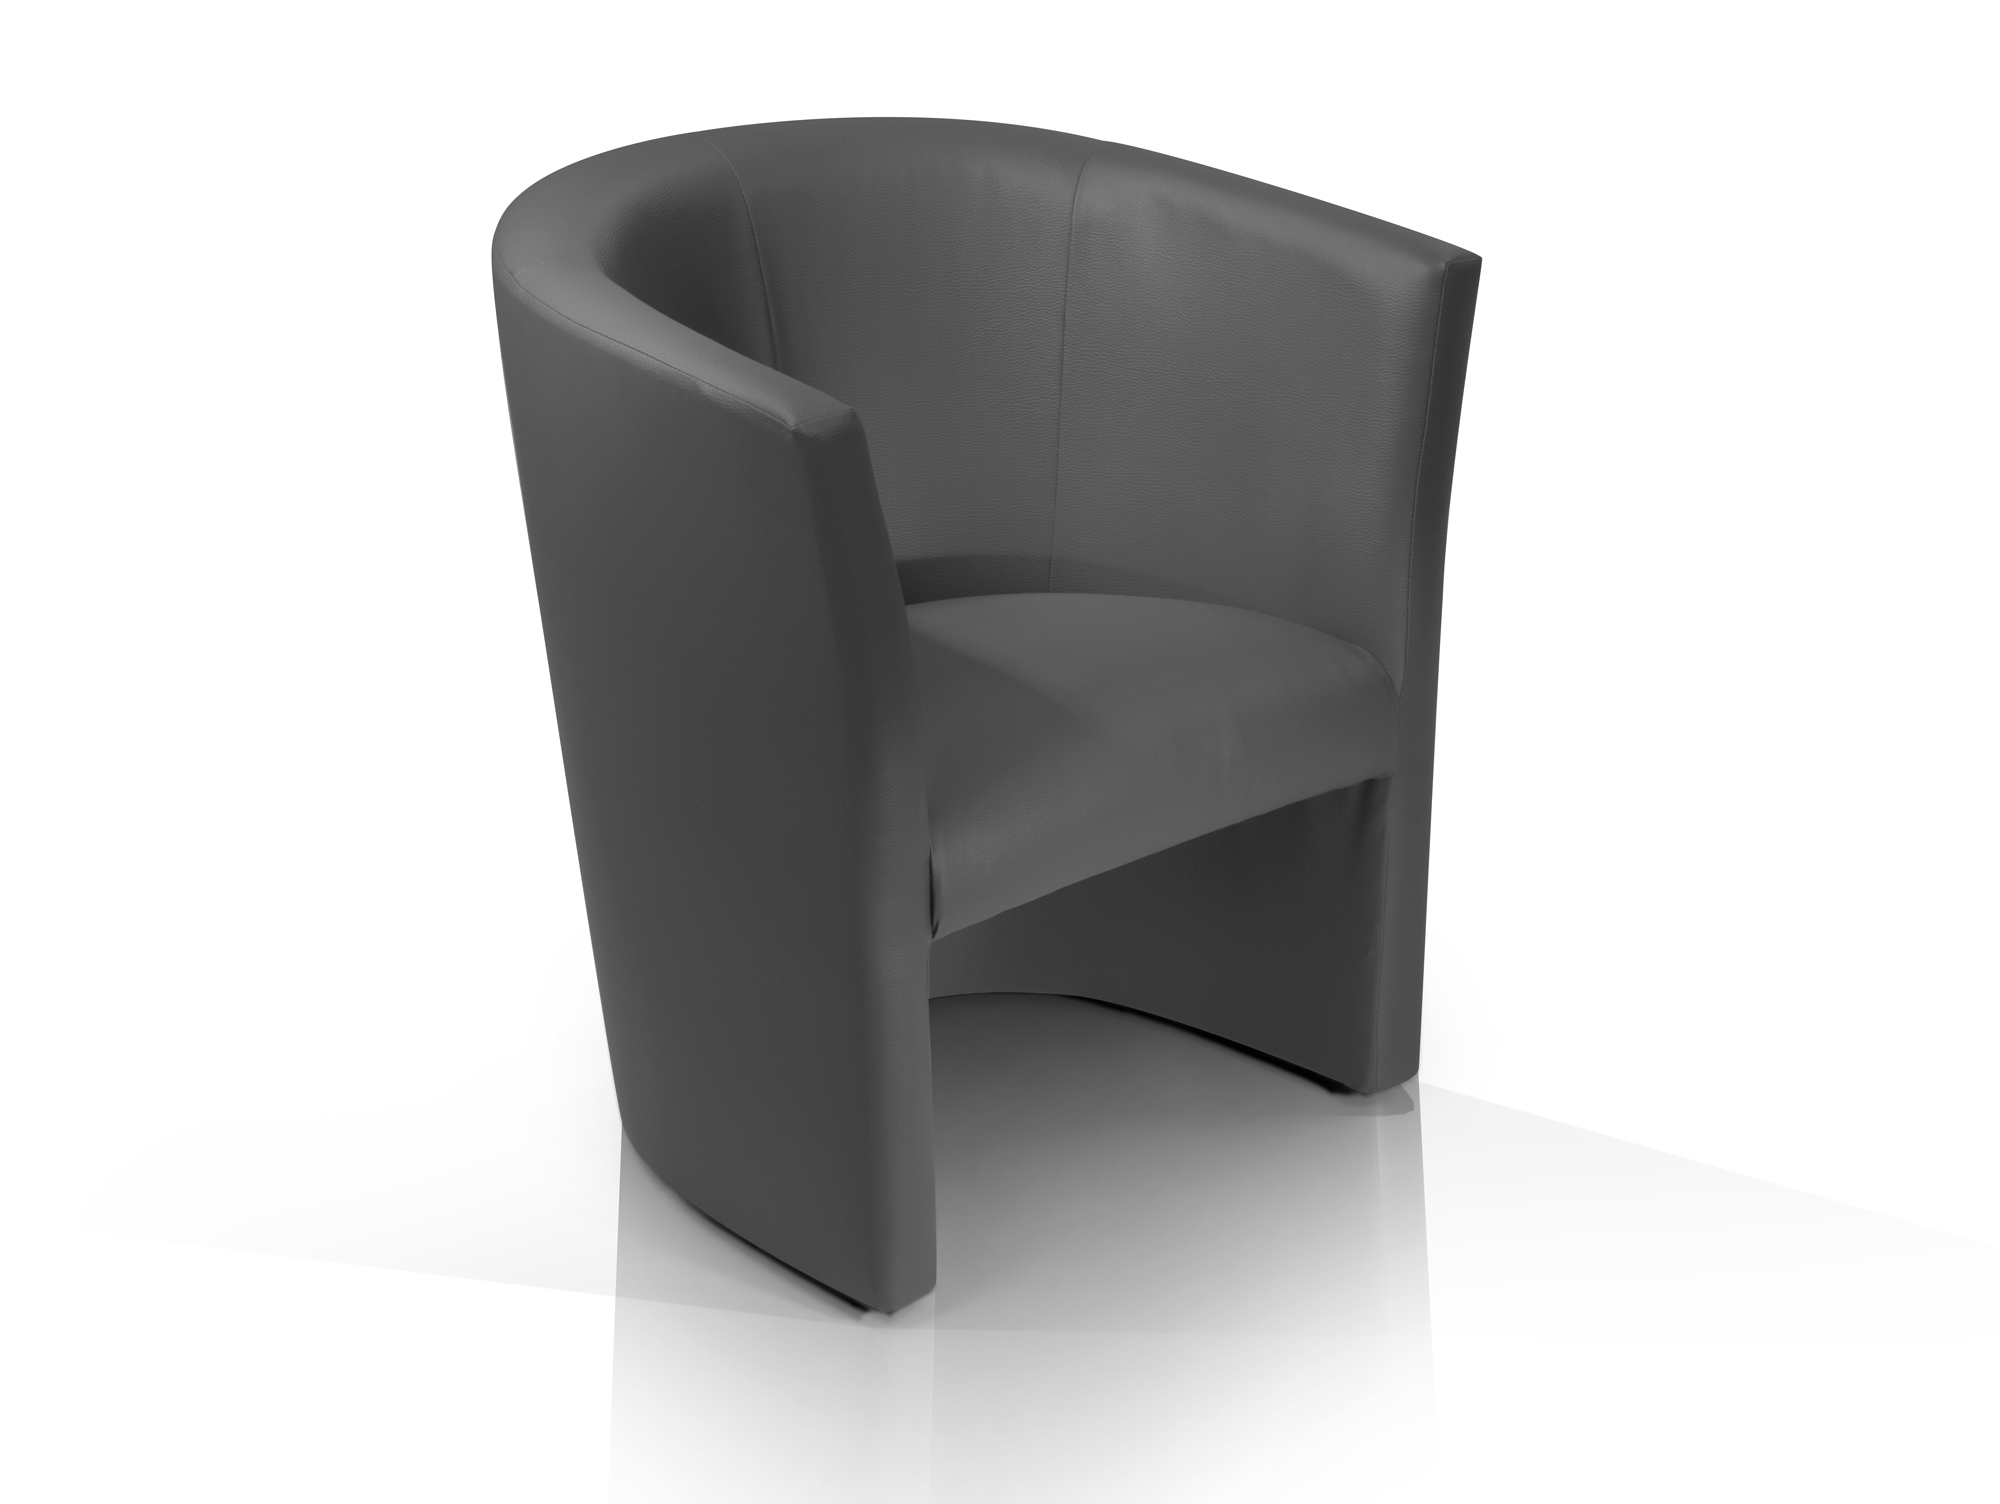 charly sessel cocktailsessel im lederlook grau. Black Bedroom Furniture Sets. Home Design Ideas